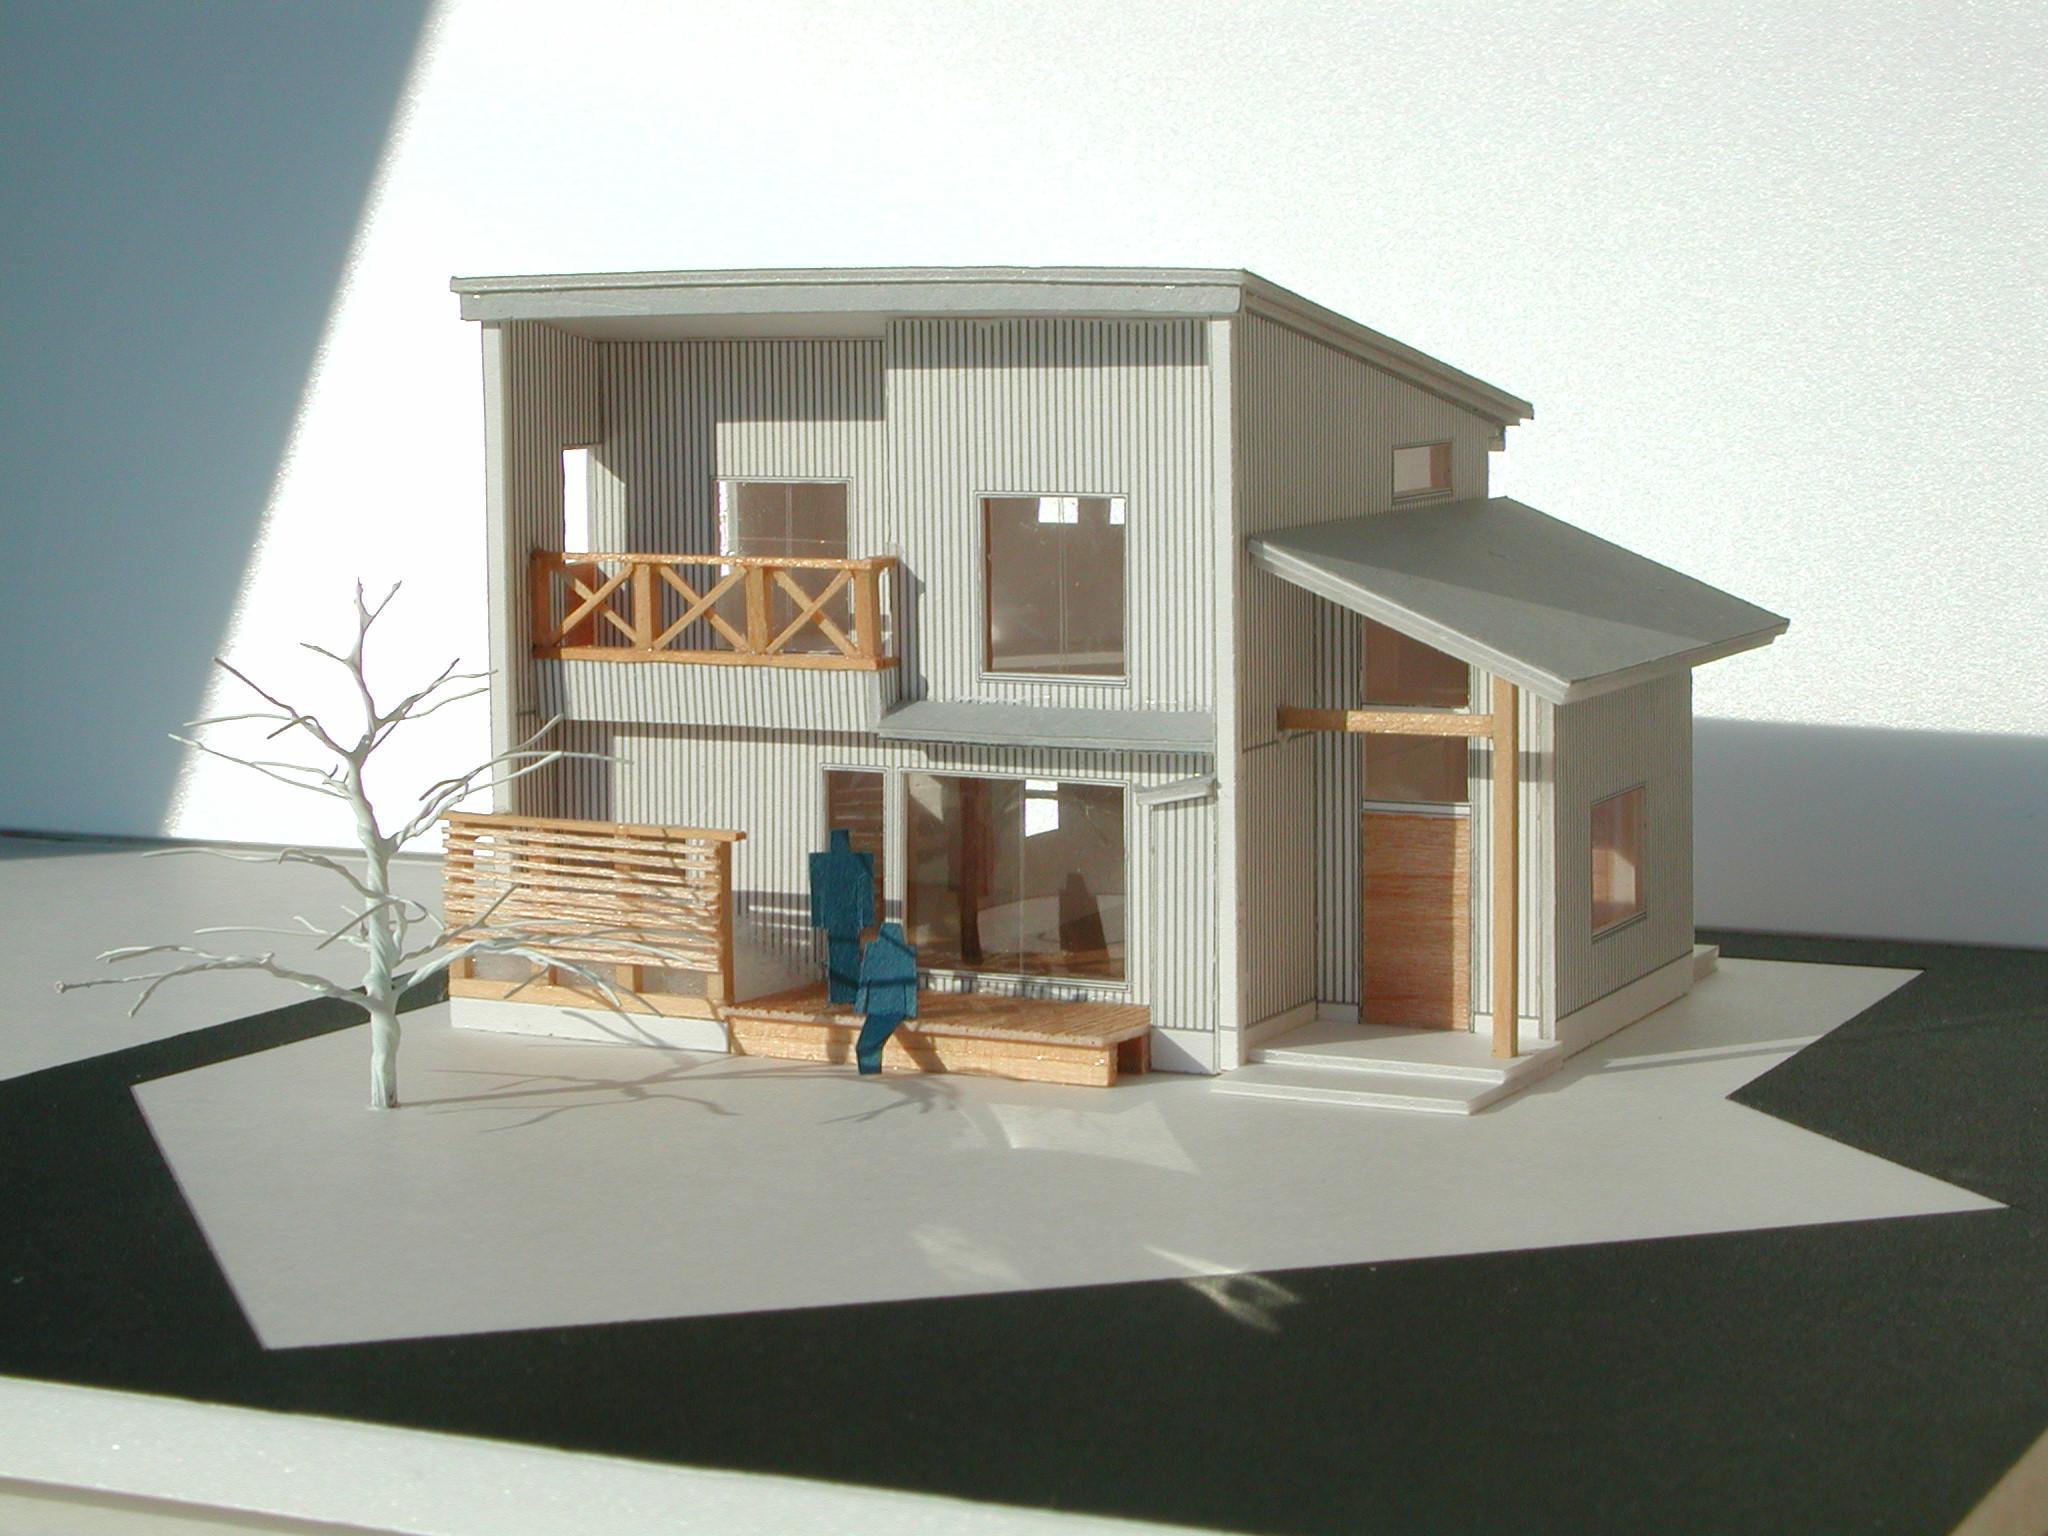 バイクガレージの木の家のパース/模型/CG/スケッチなど